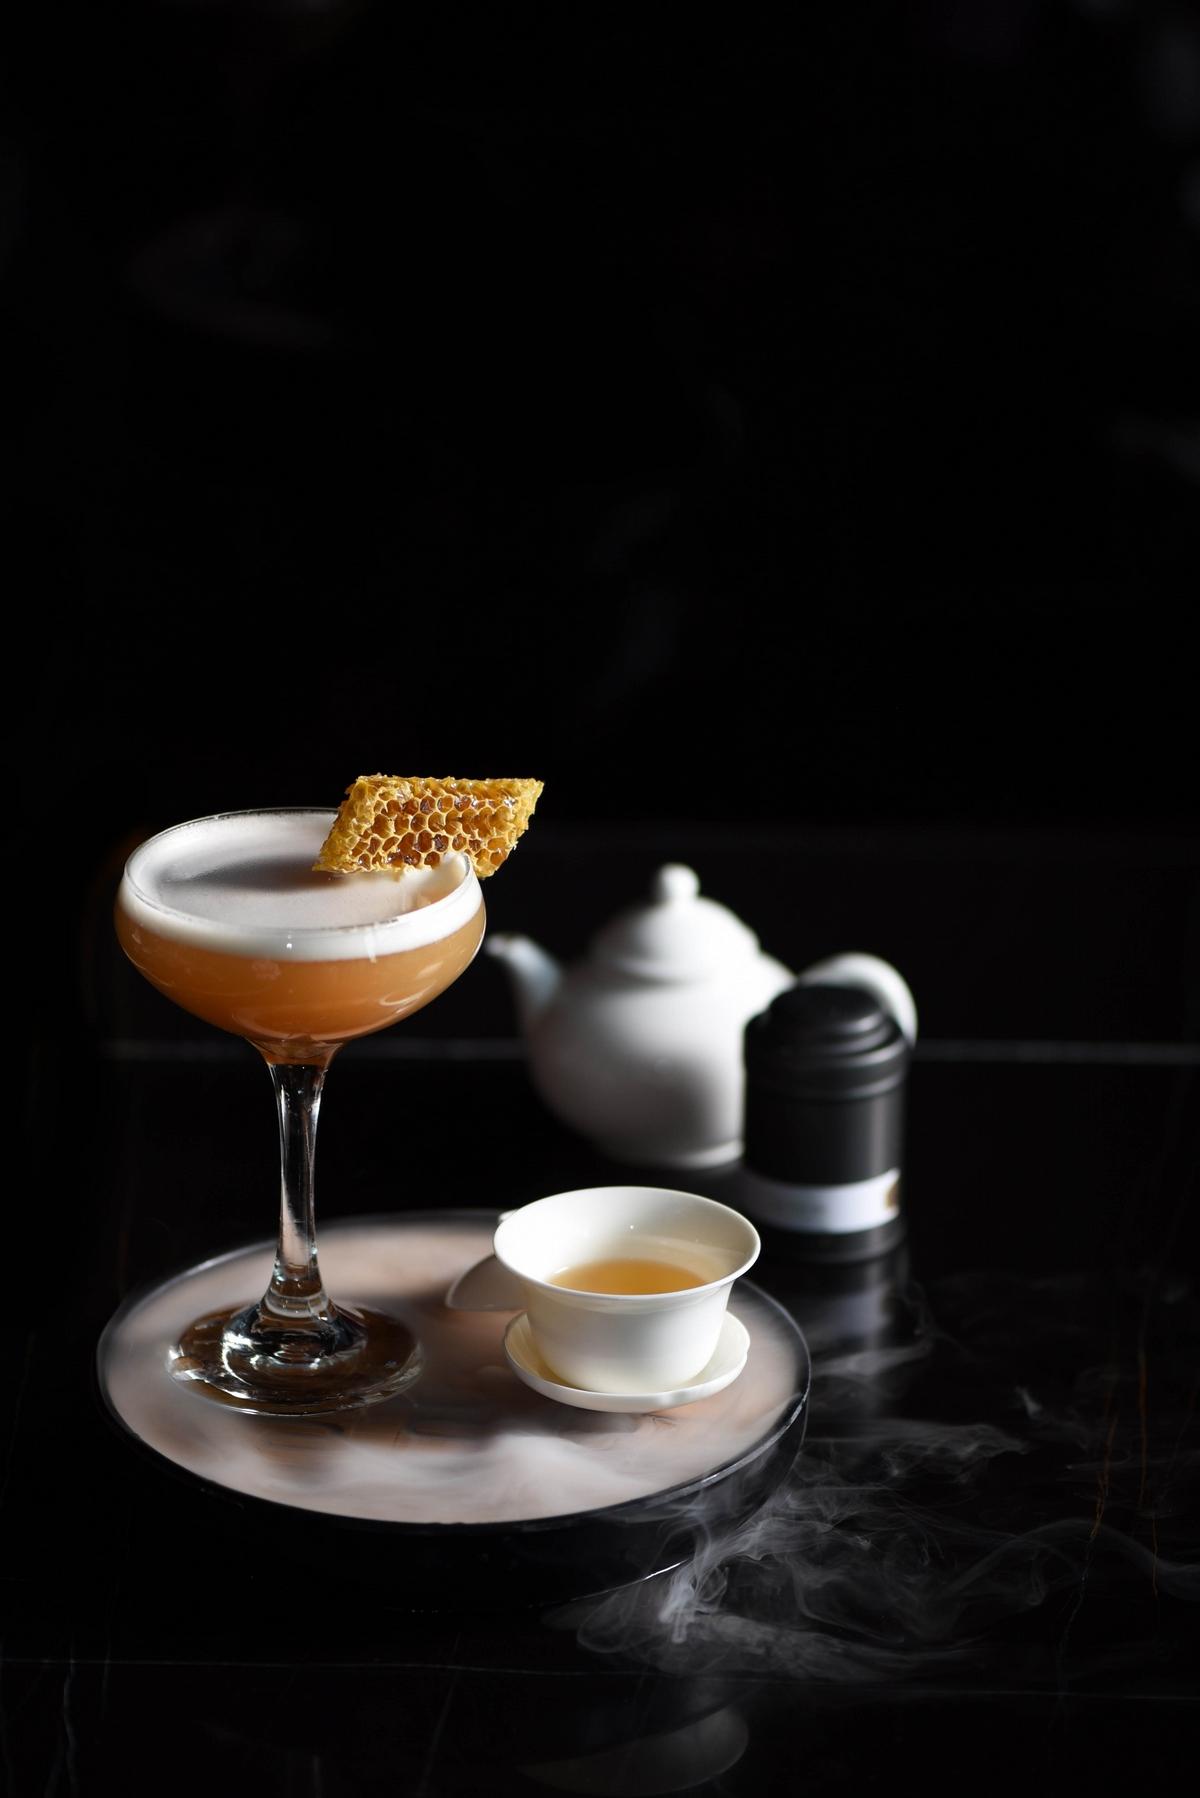 哪款調酒最適合你?W飯店 x Le vert thé 打造7款籤詩茶酒,療癒厭世掛、放空者!